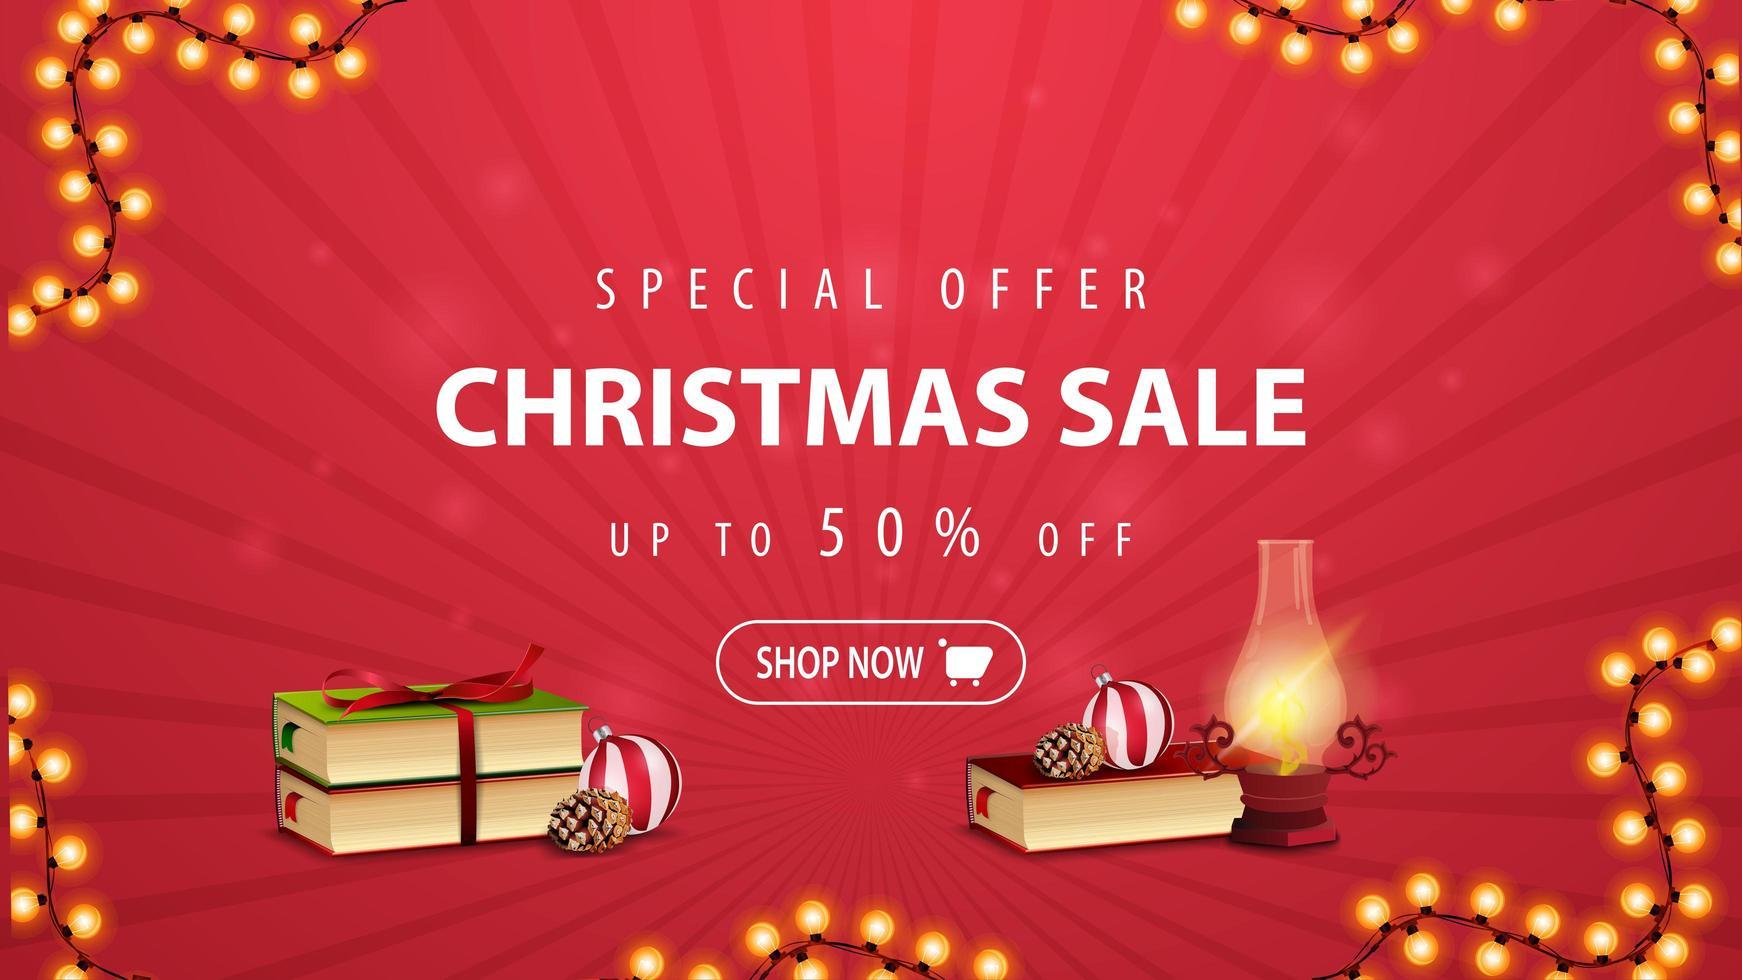 oferta especial, promoção de natal, desconto de até 50, banner vermelho de desconto com lâmpada antiga, livros de natal, bola de natal e cone vetor